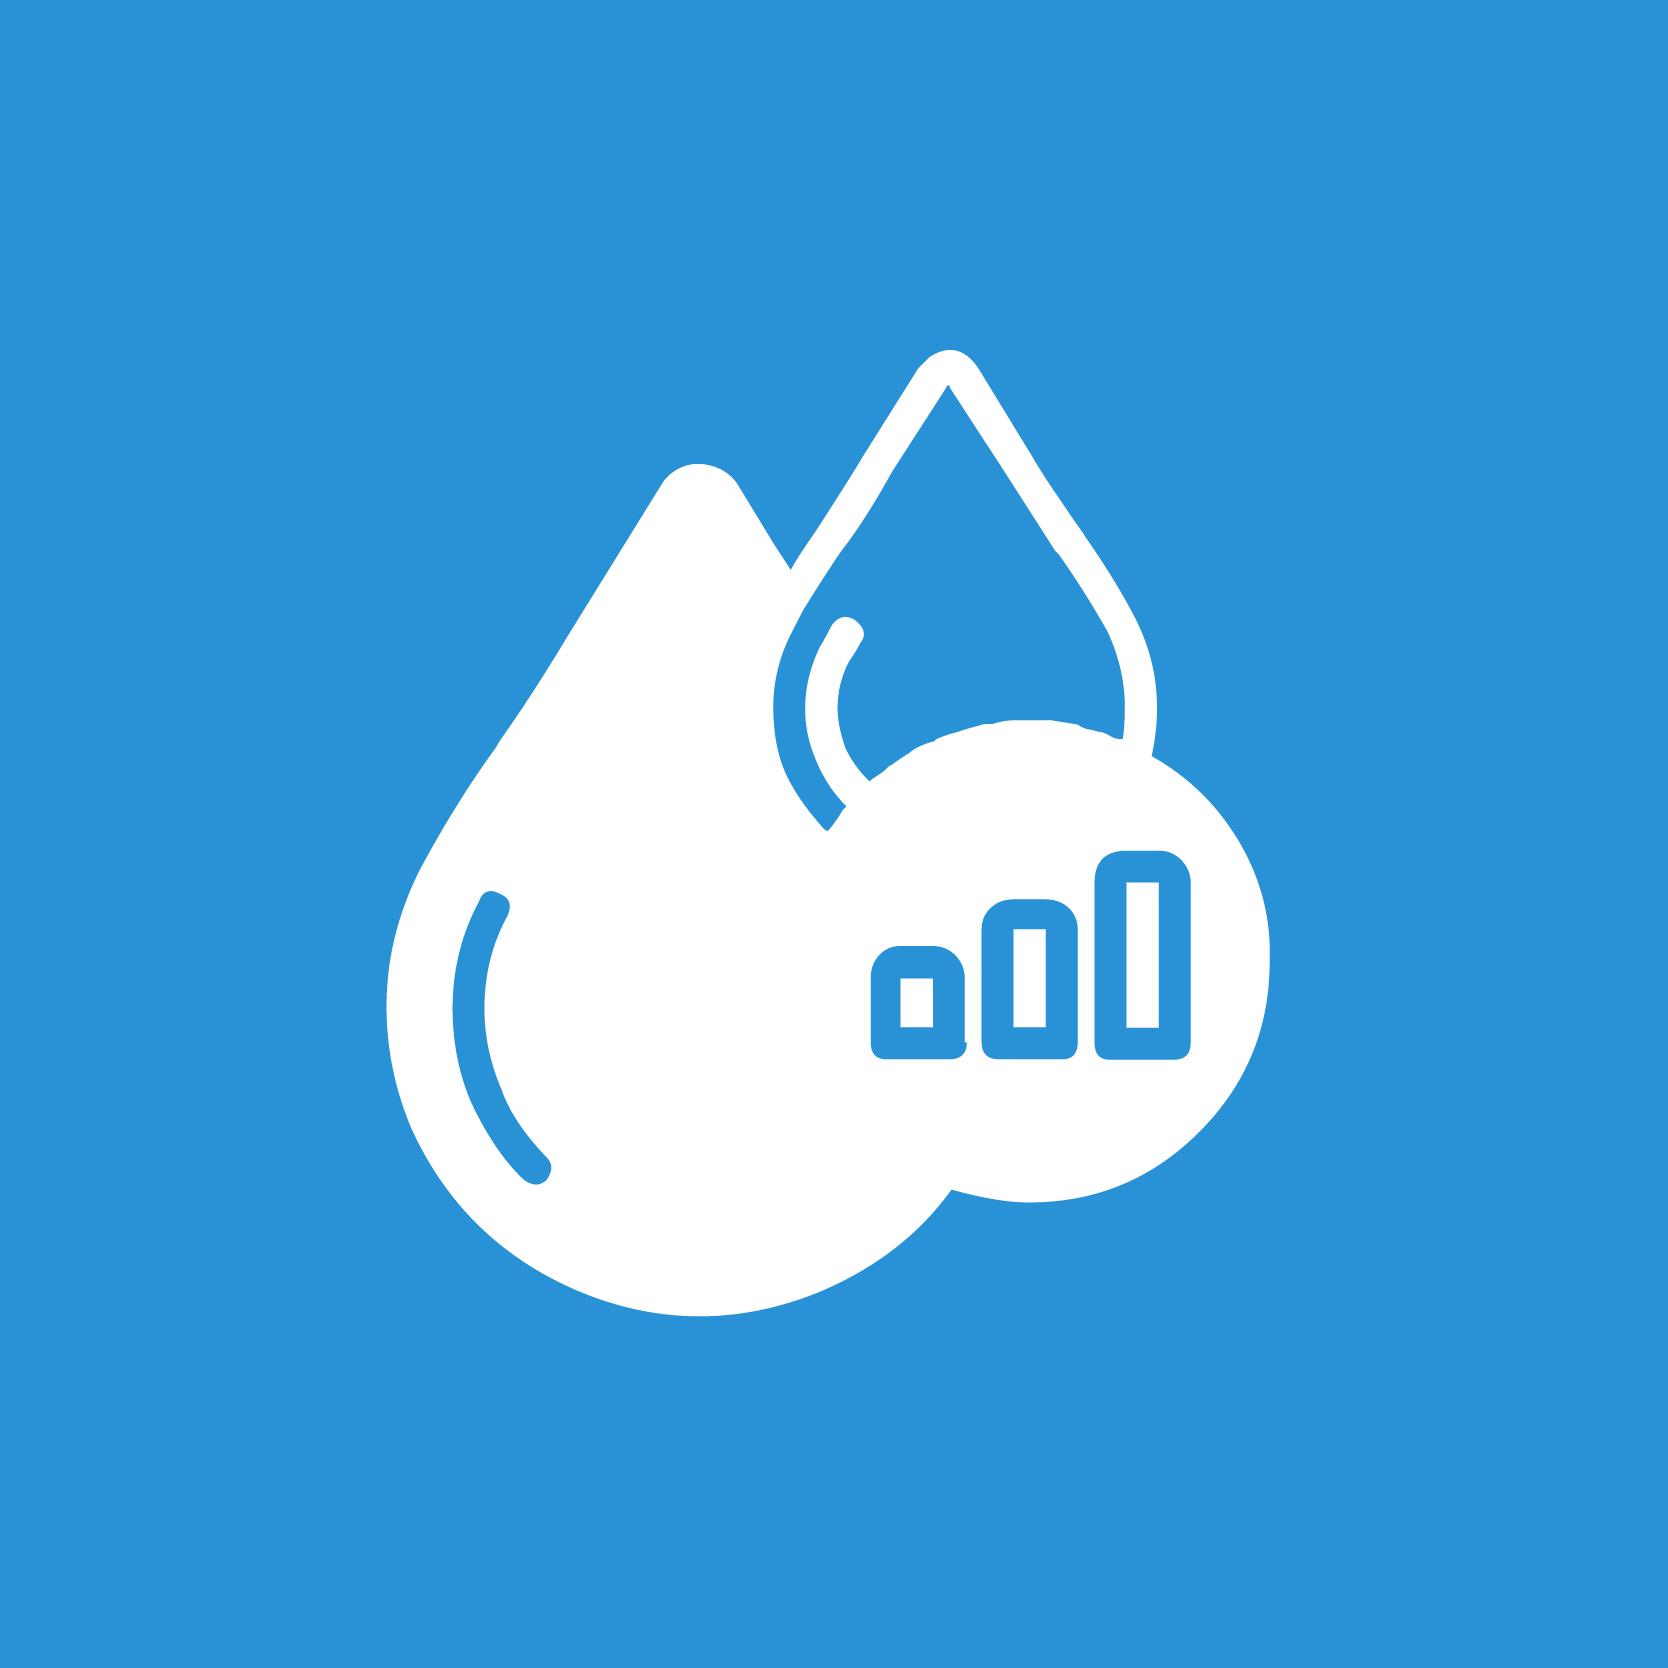 kakovost vode